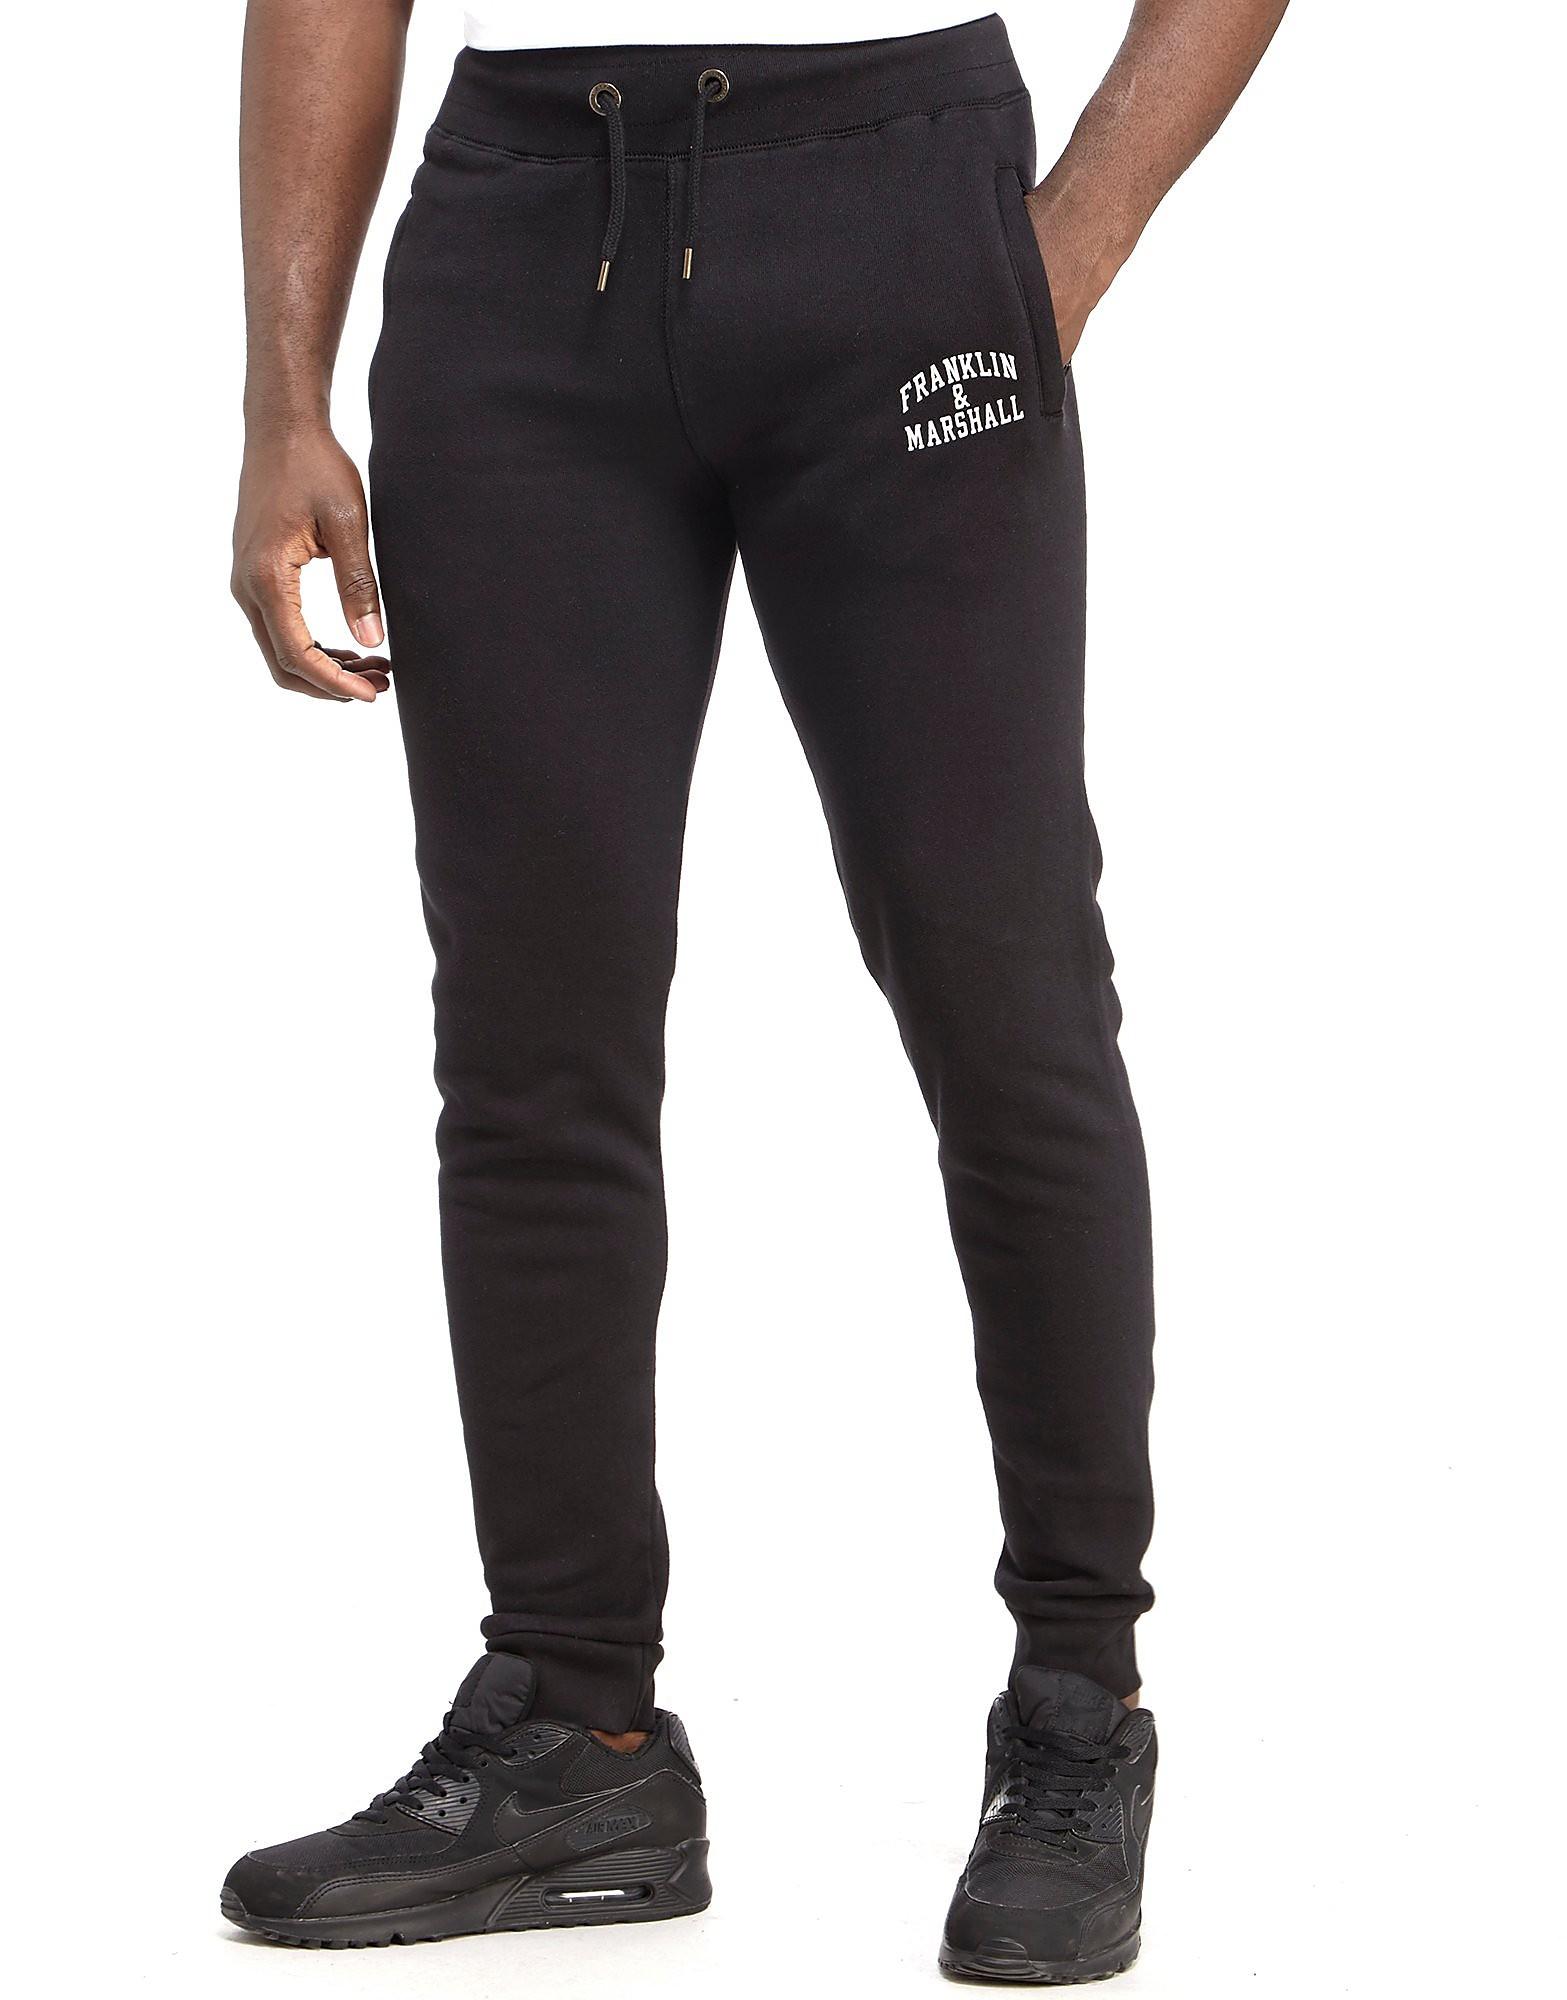 Franklin & Marshall Small Logo Pants